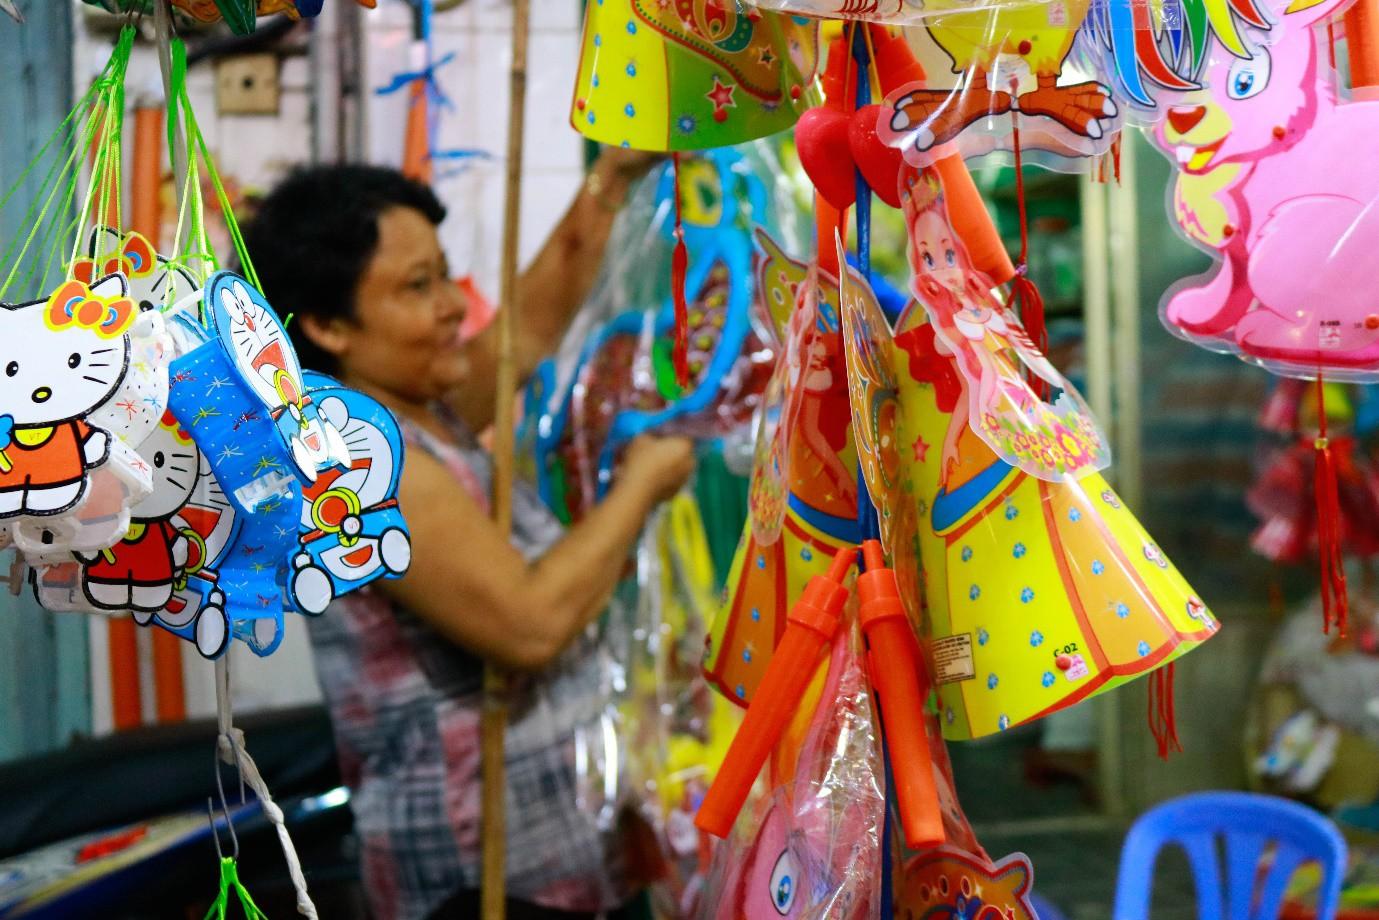 Rộn ràng phố lồng đèn nổi tiếng nhất Sài Gòn mùa Trung thu - Ảnh 9.